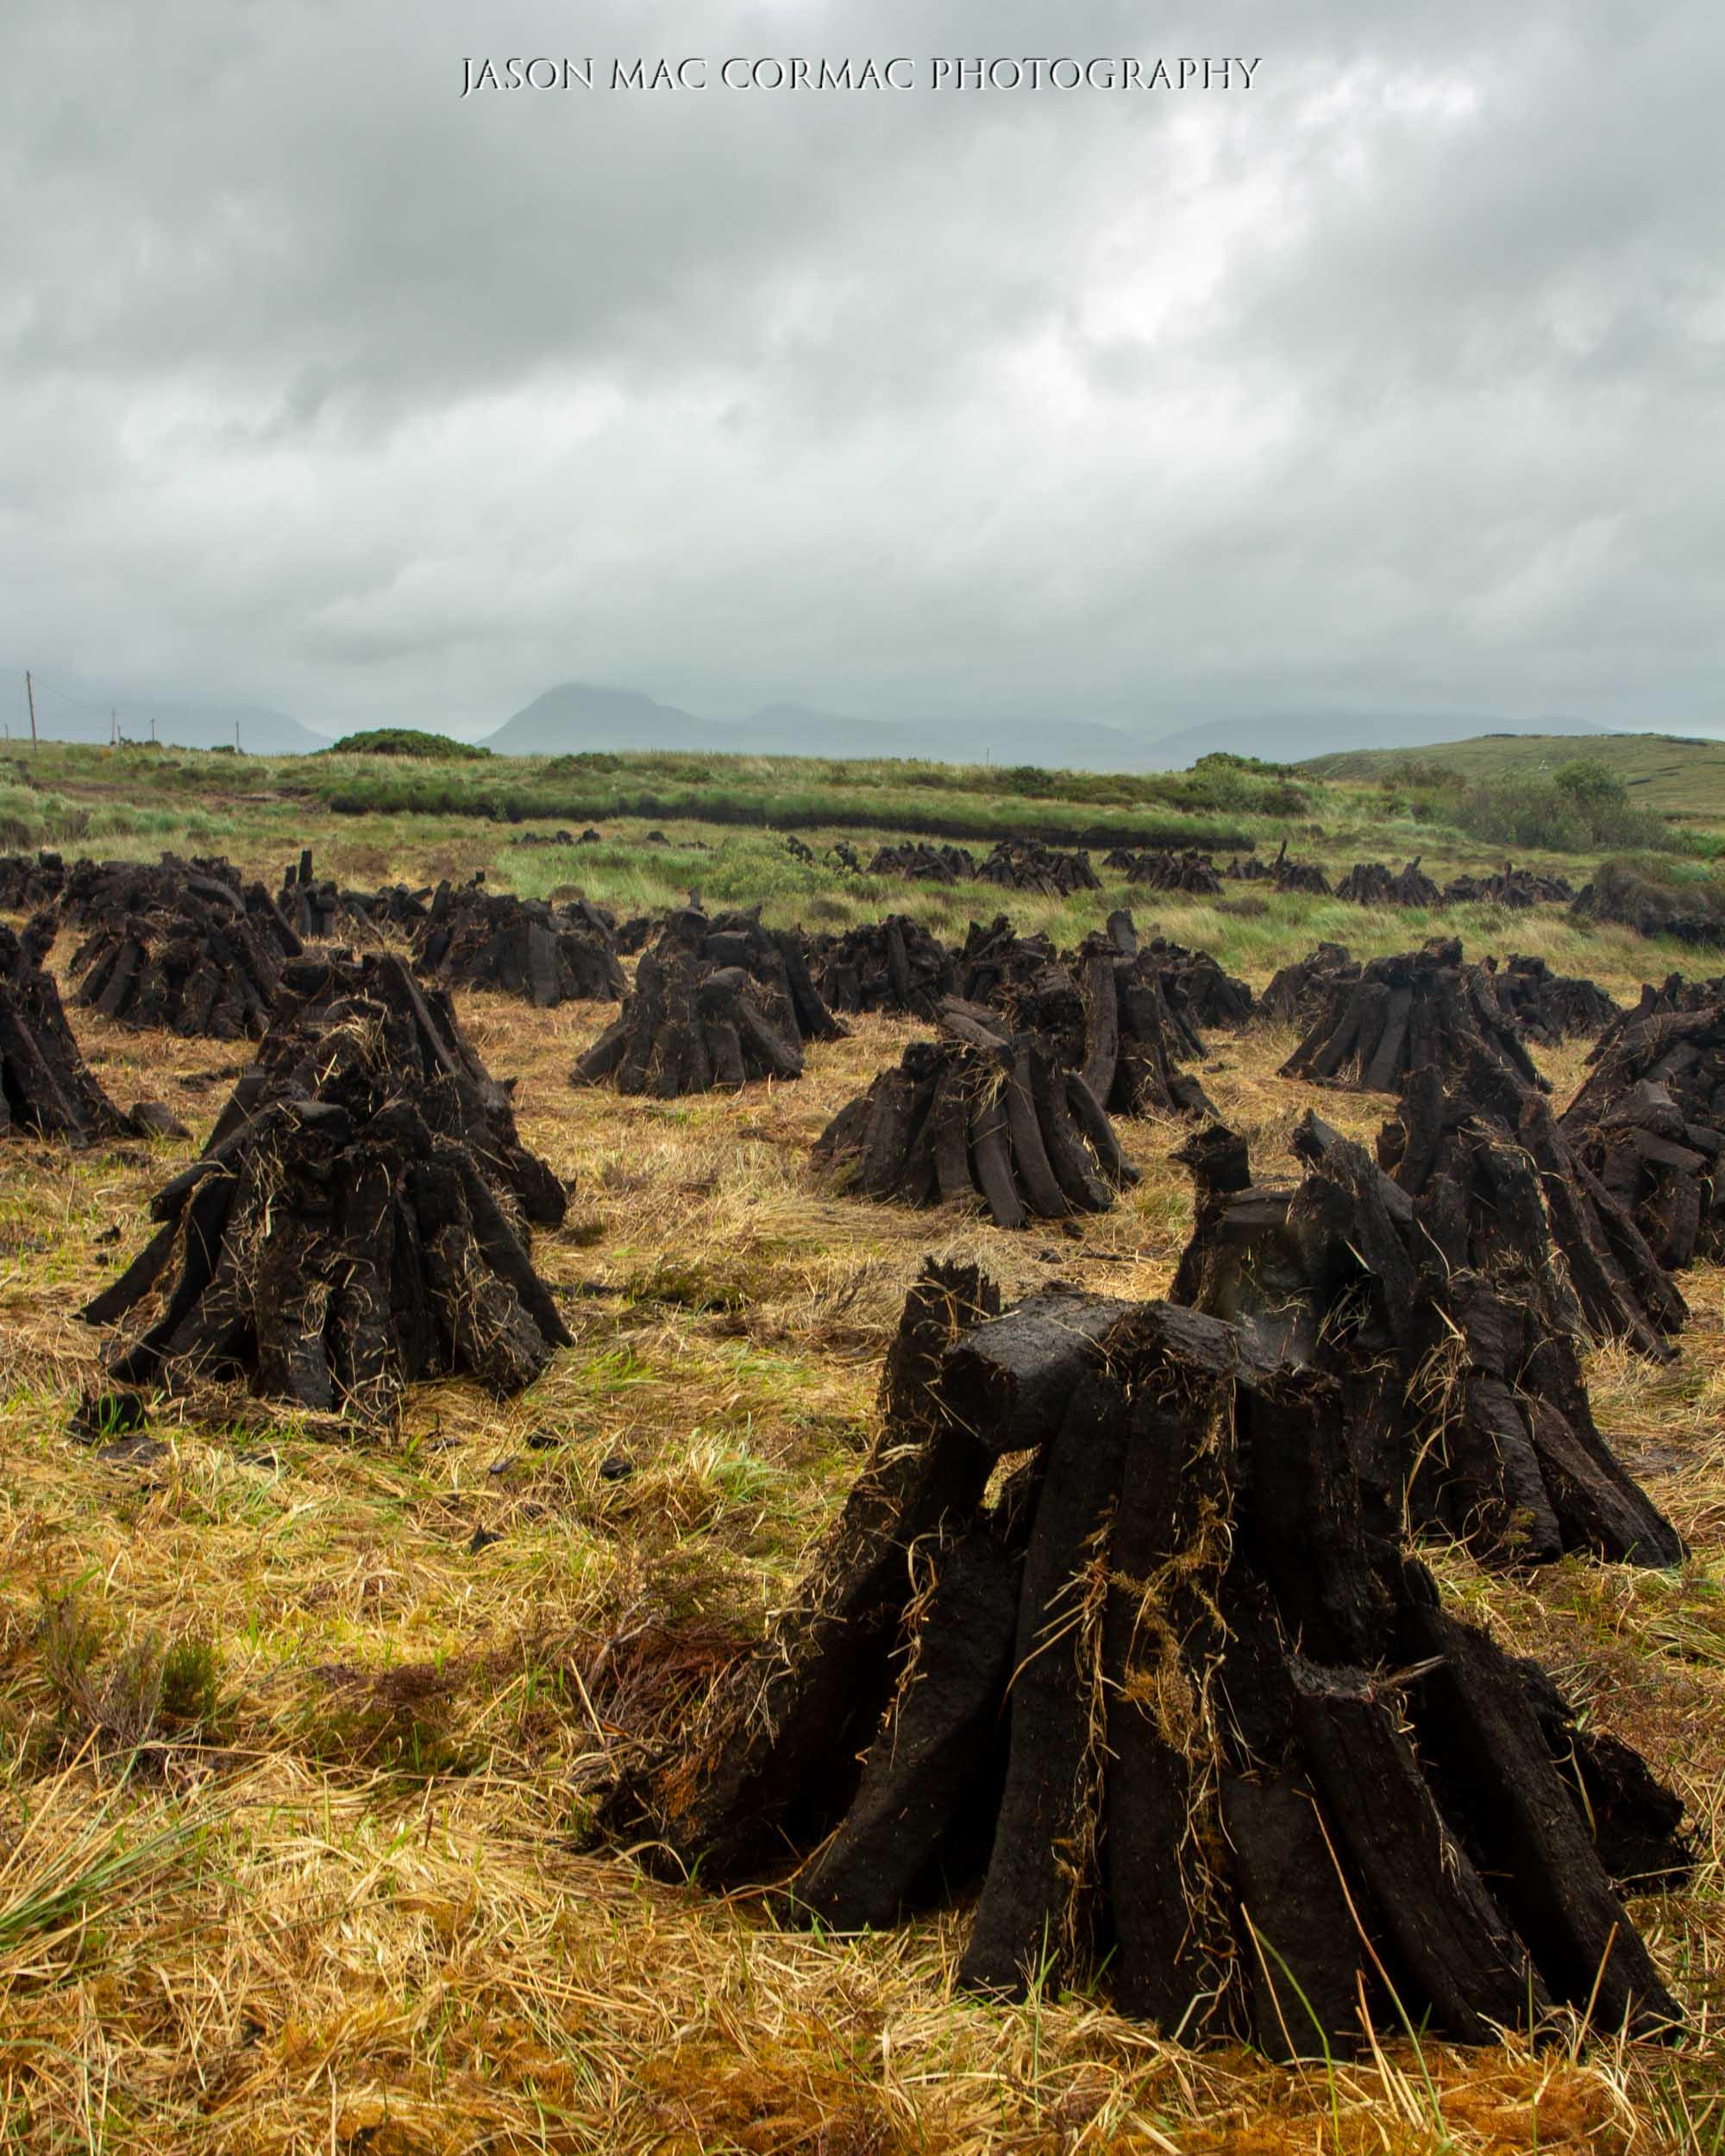 Drying turf in Connemara